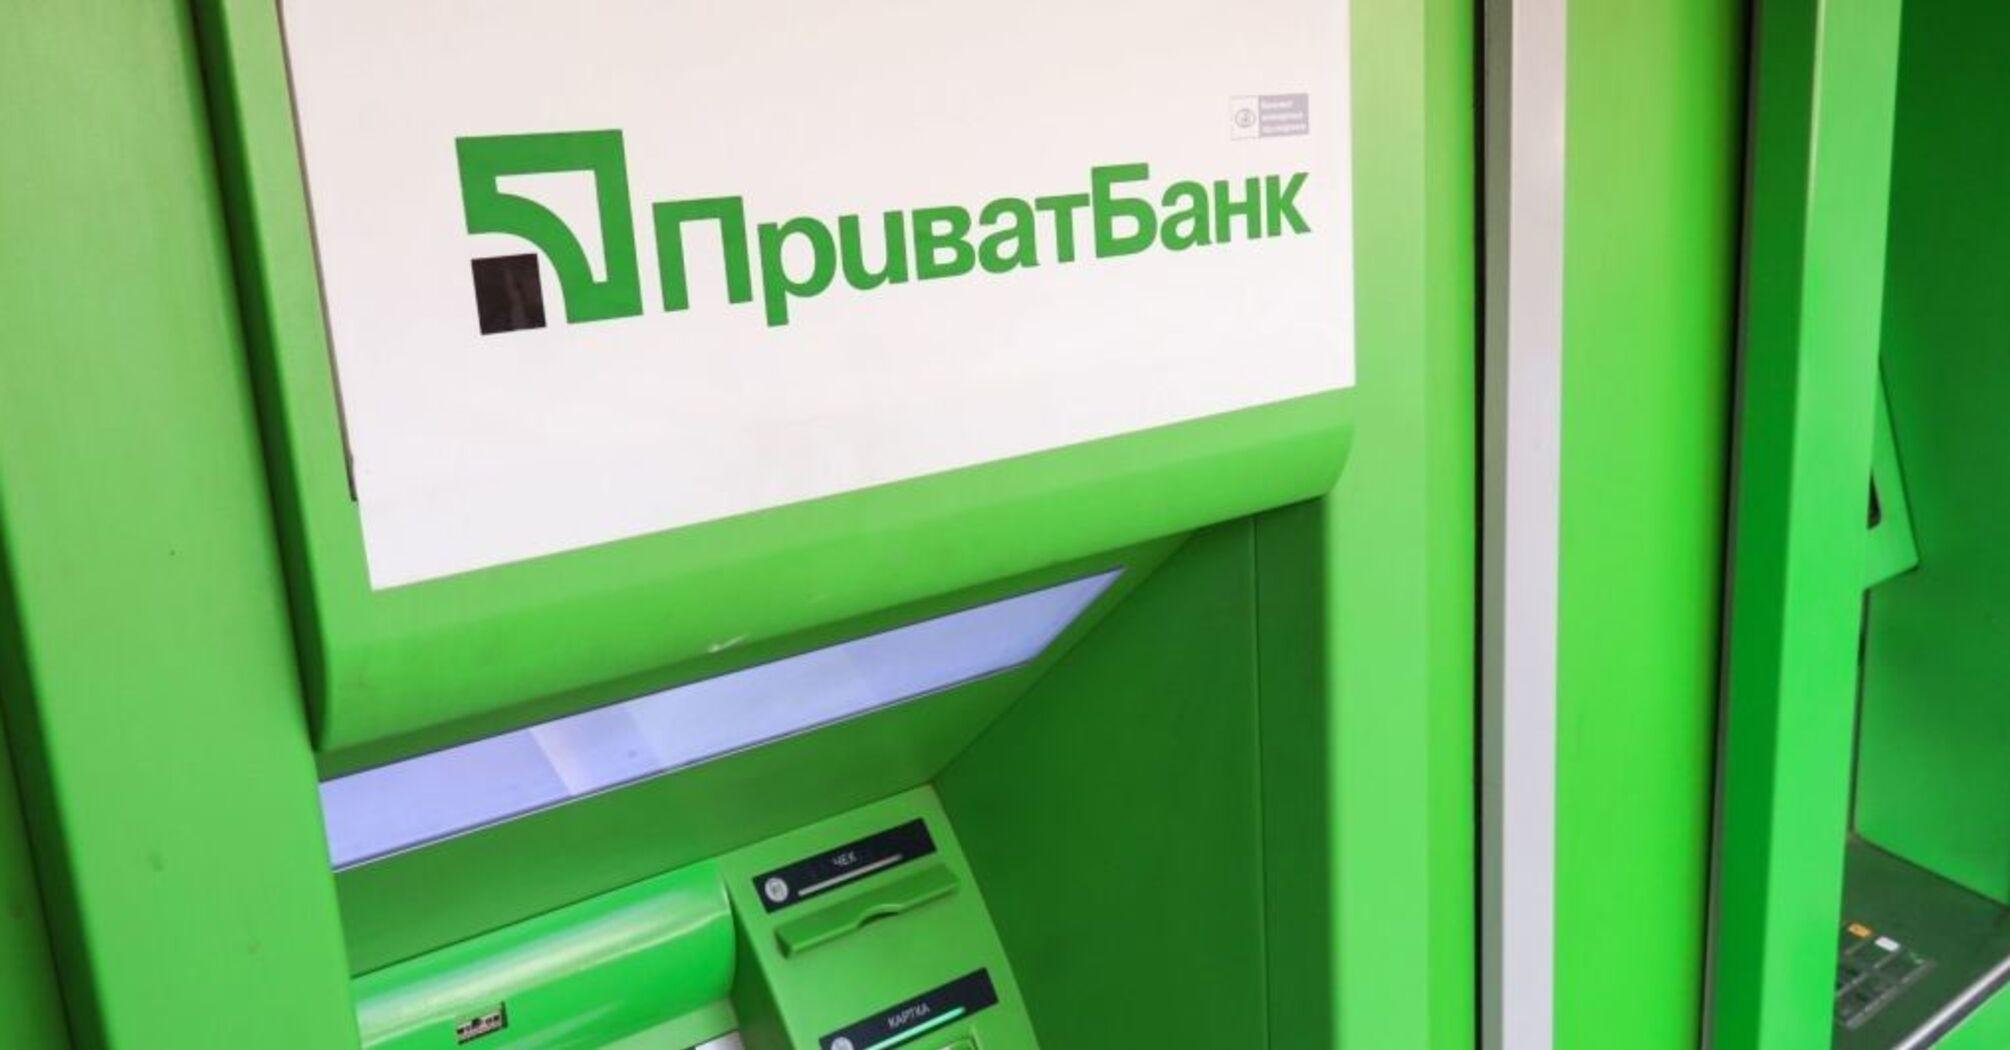 ПриватБанк ввел лимиты на переводы: операции отклоняют